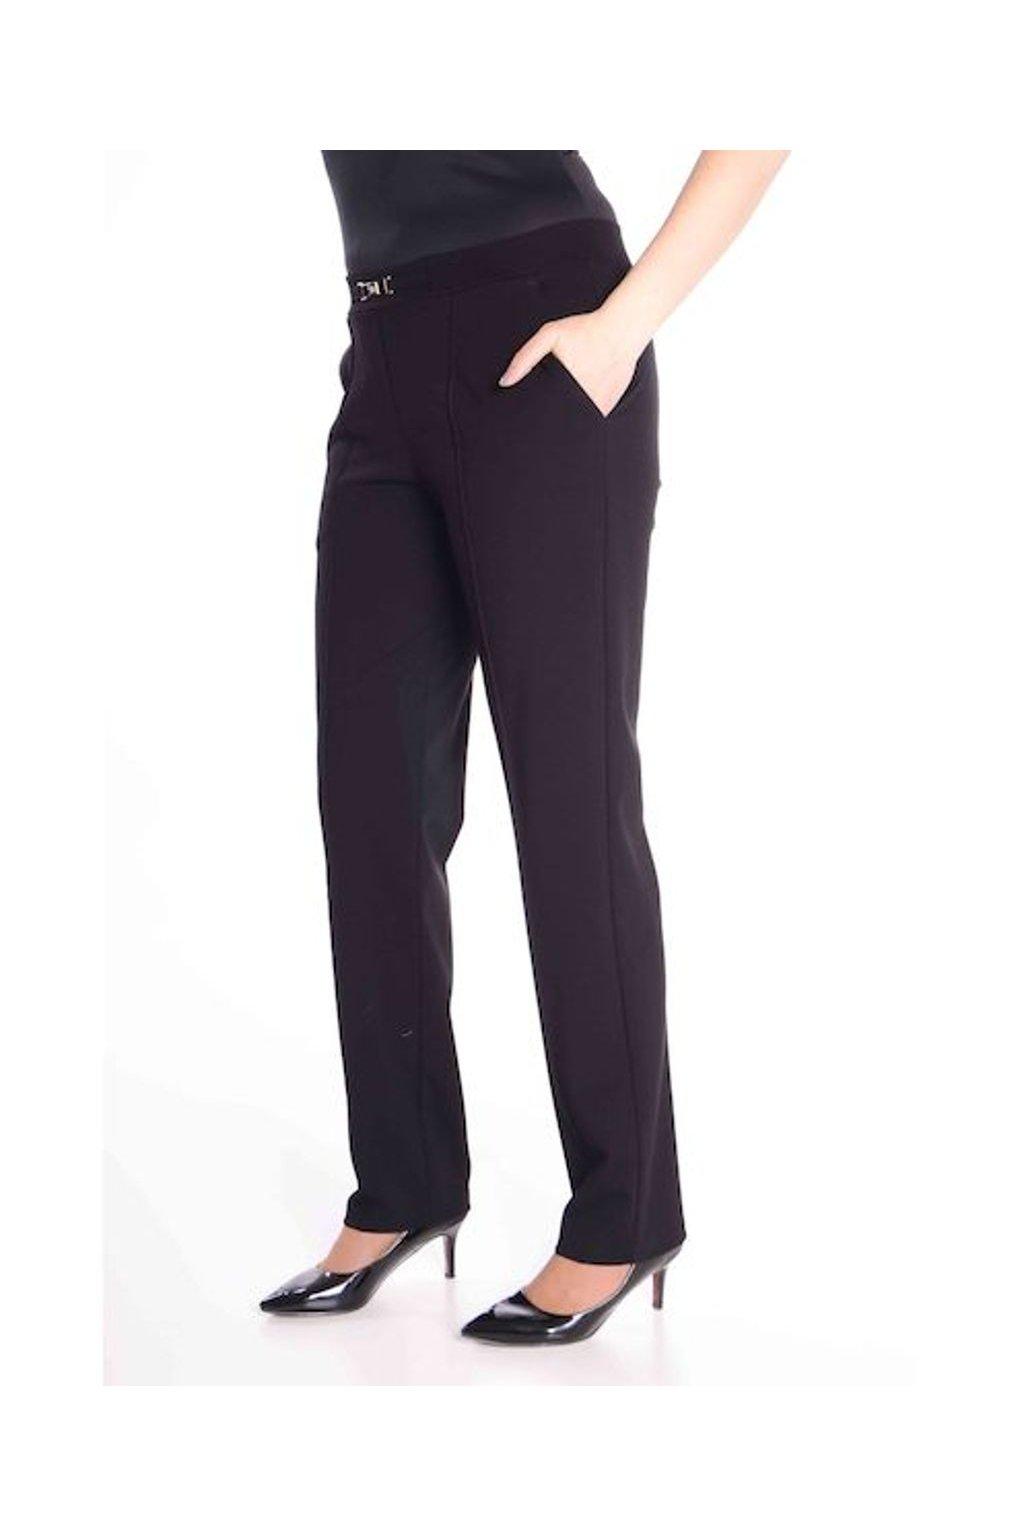 66T Kalhoty Avanti s puky (Velikost 36, Barva Černá)